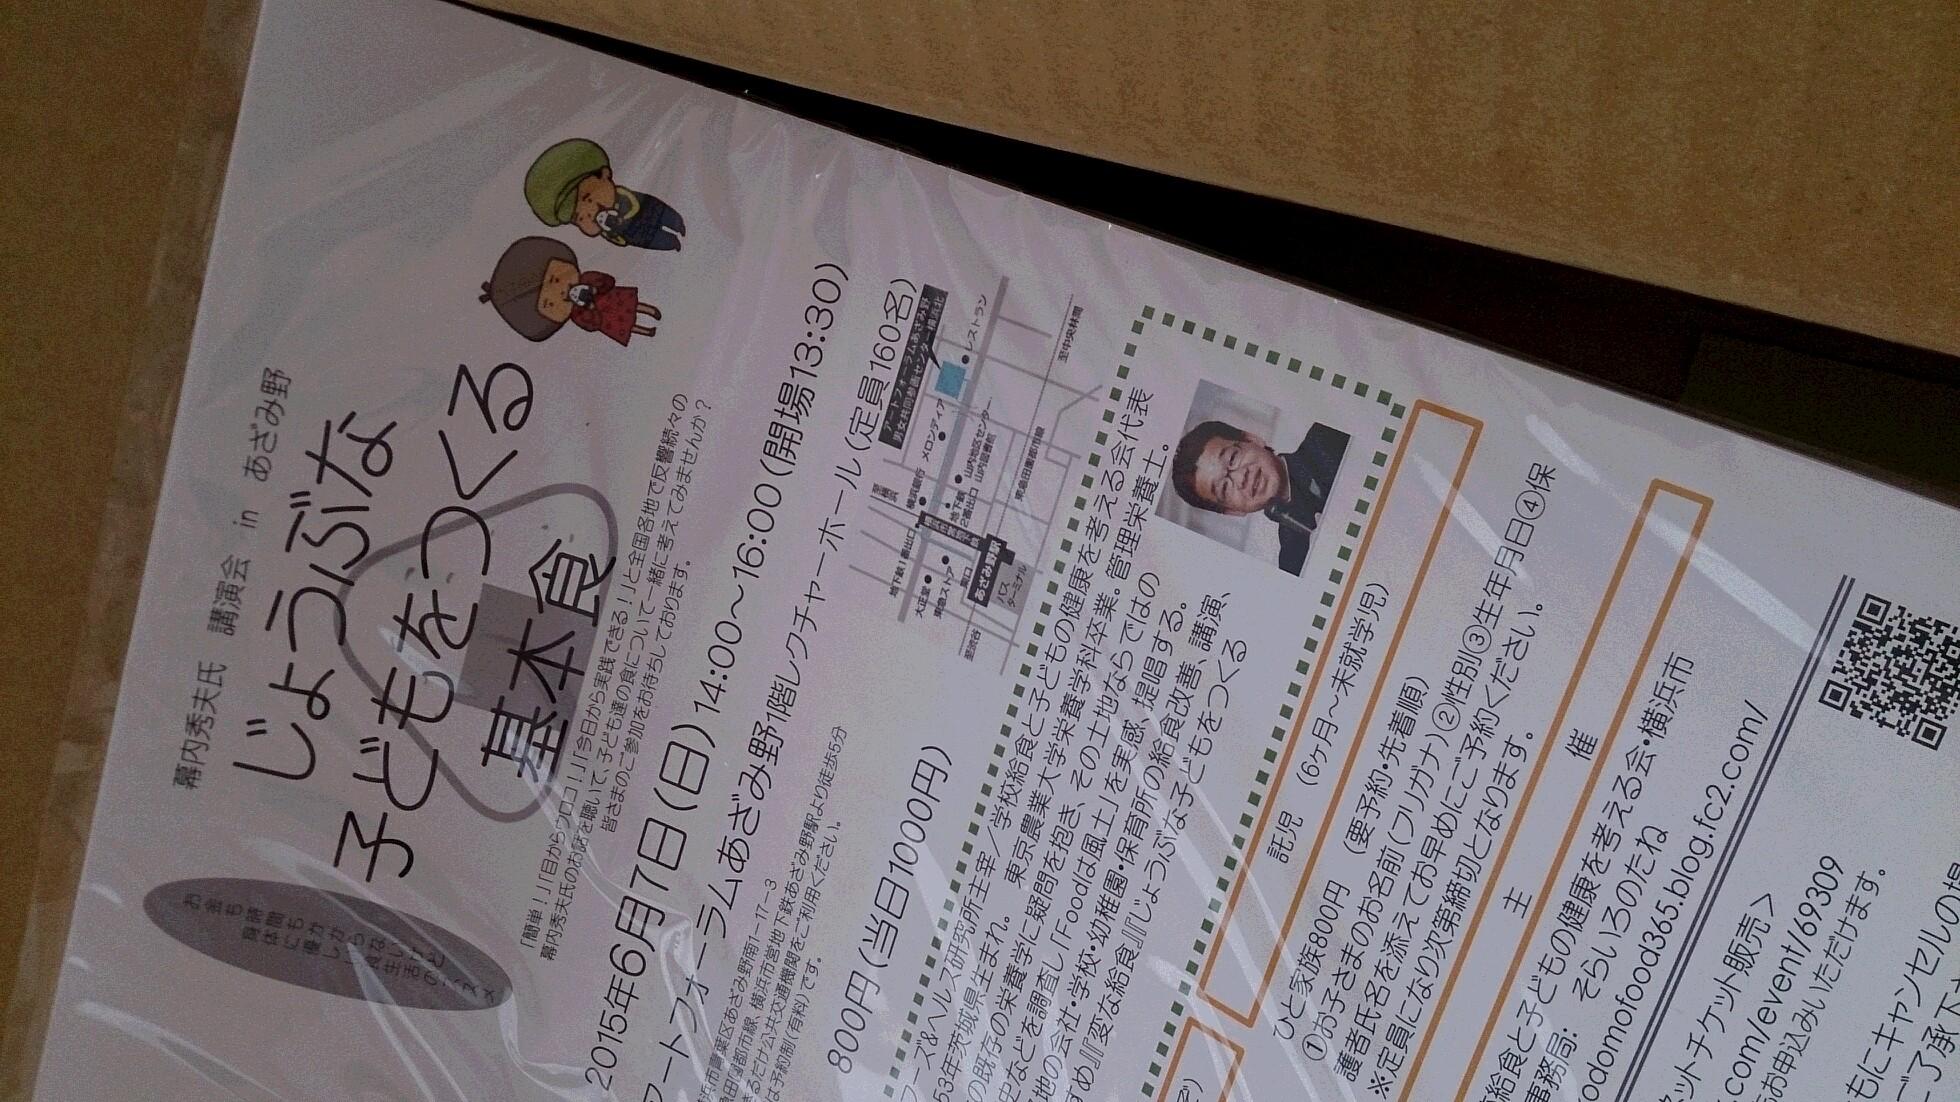 moblog_798e146f.jpg